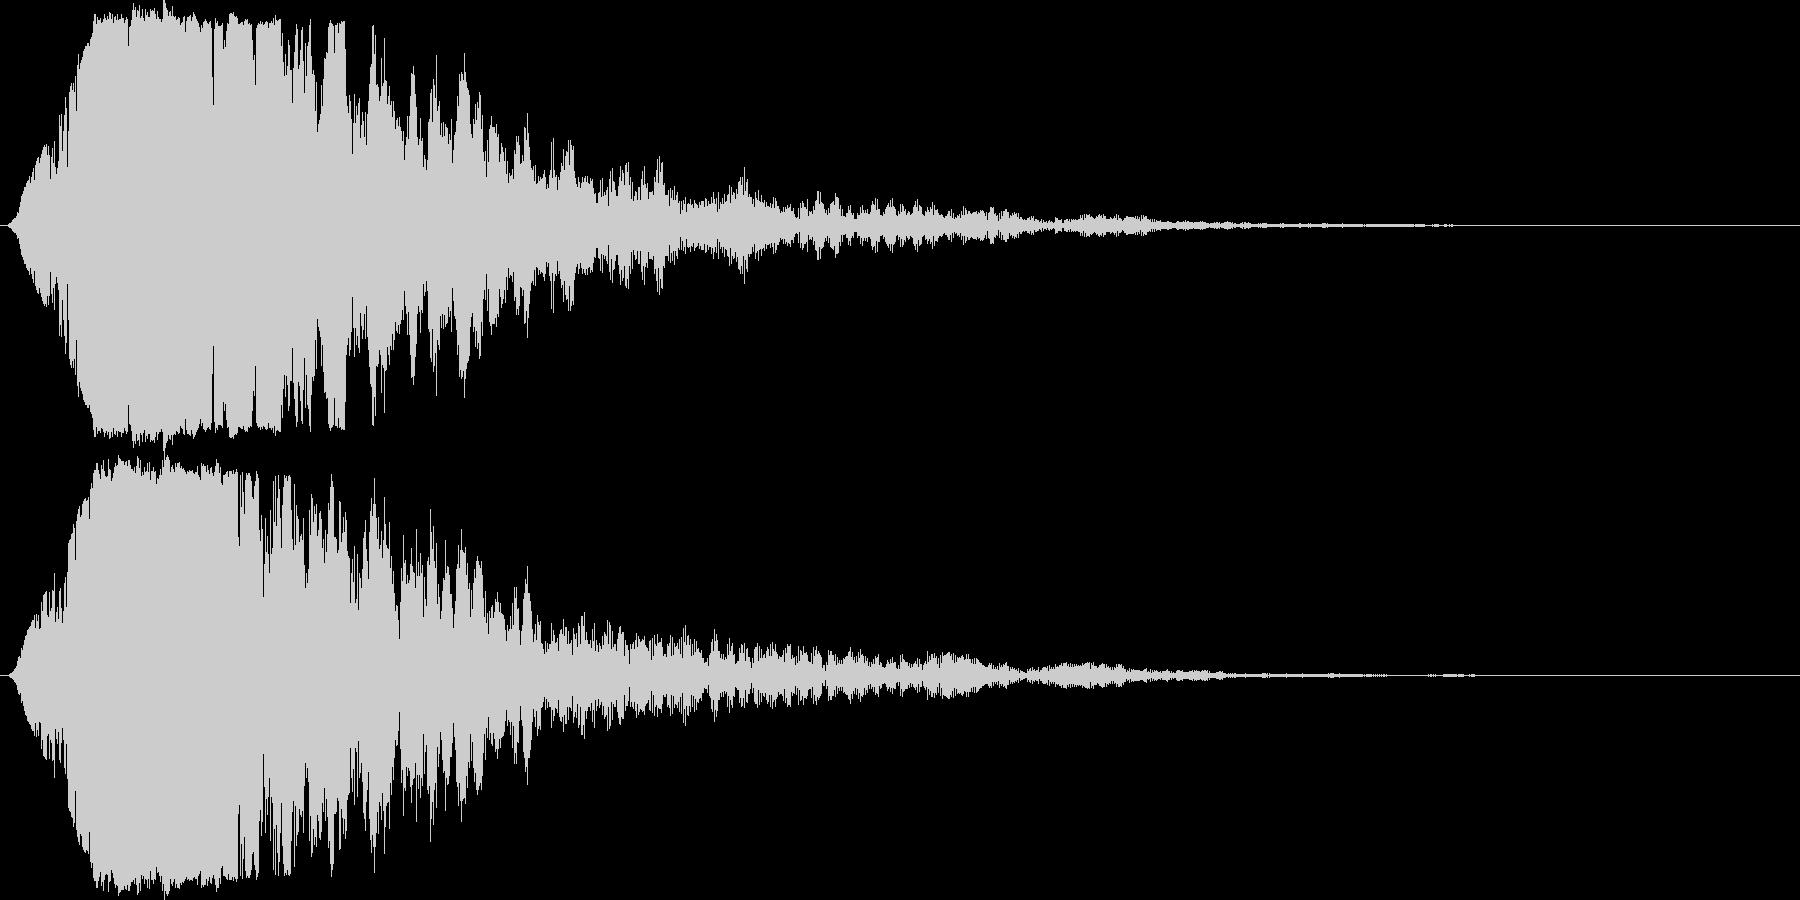 キラン☆シャキーン/派手なインパクト04の未再生の波形